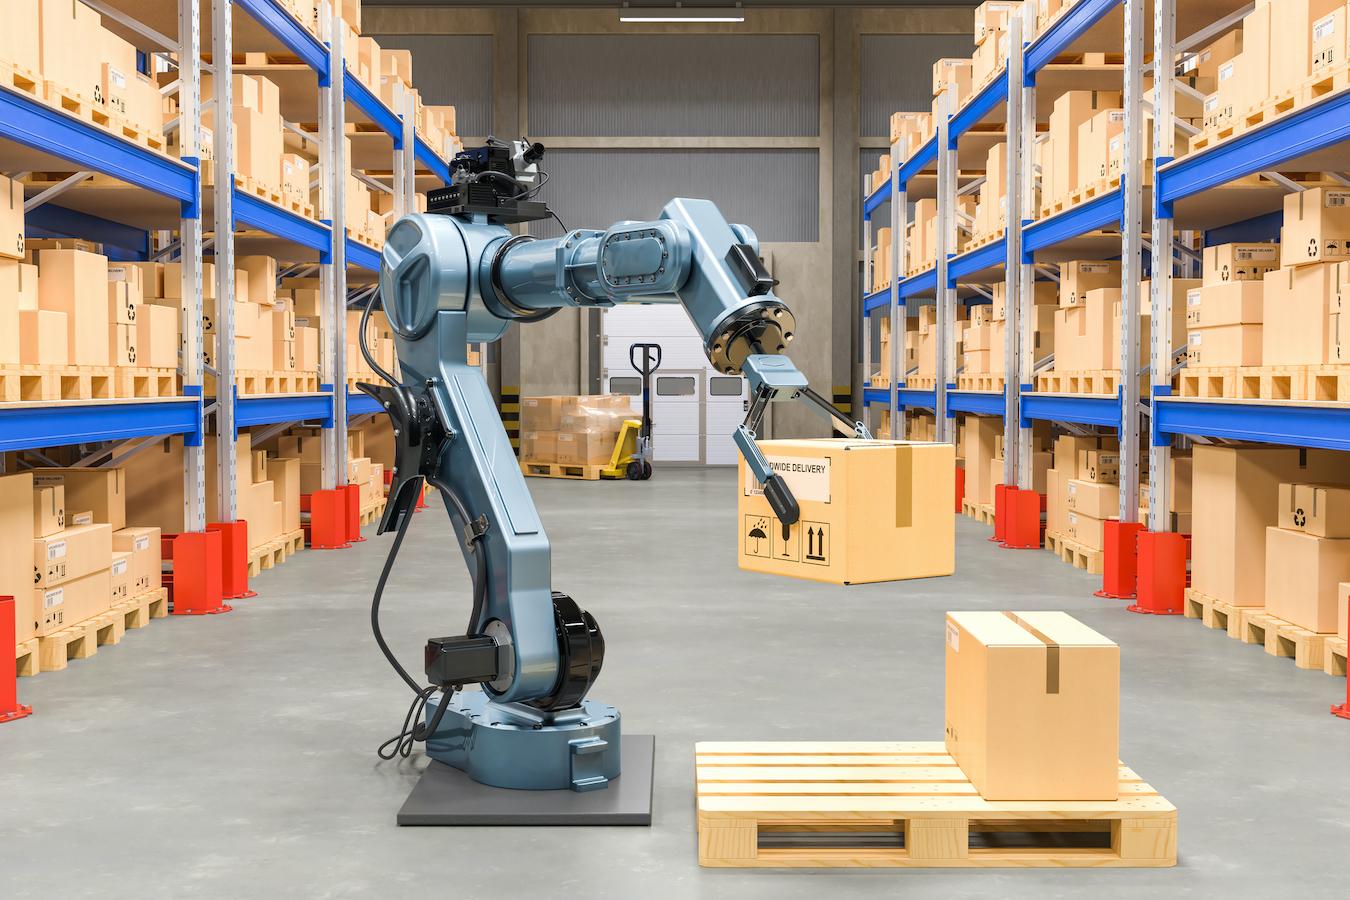 ロボットアームは工業組み立てから食品加工まで幅広く活躍!